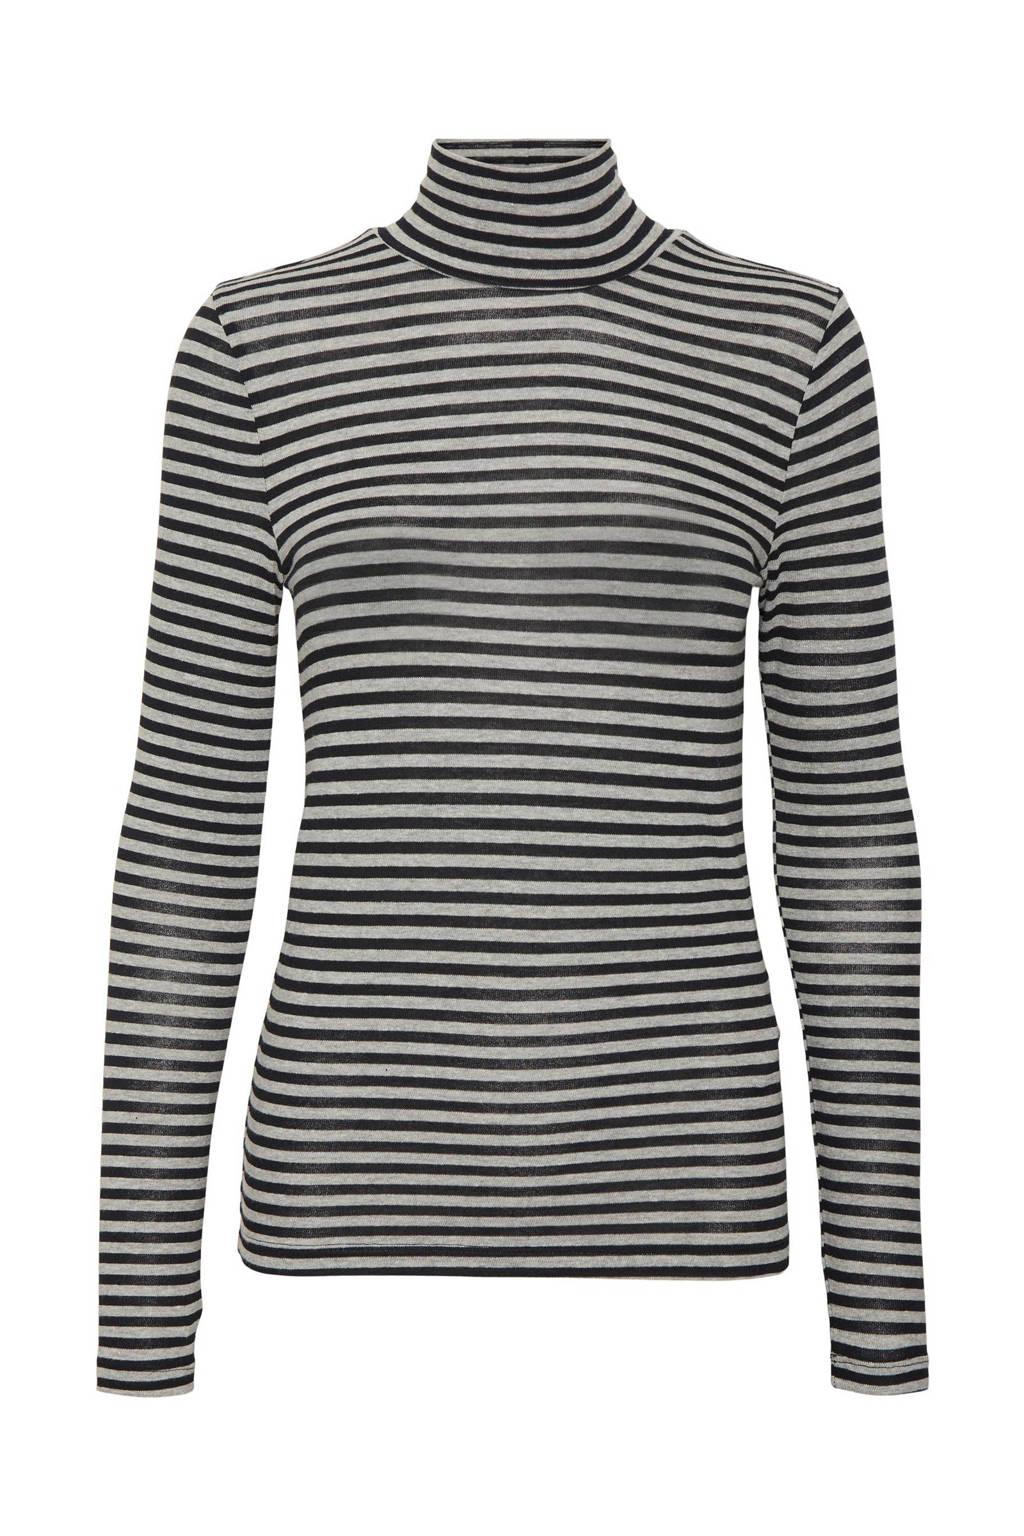 VERO MODA gestreepte top VMCARLA van gerecycled polyester zwart/wit, Zwart/wit